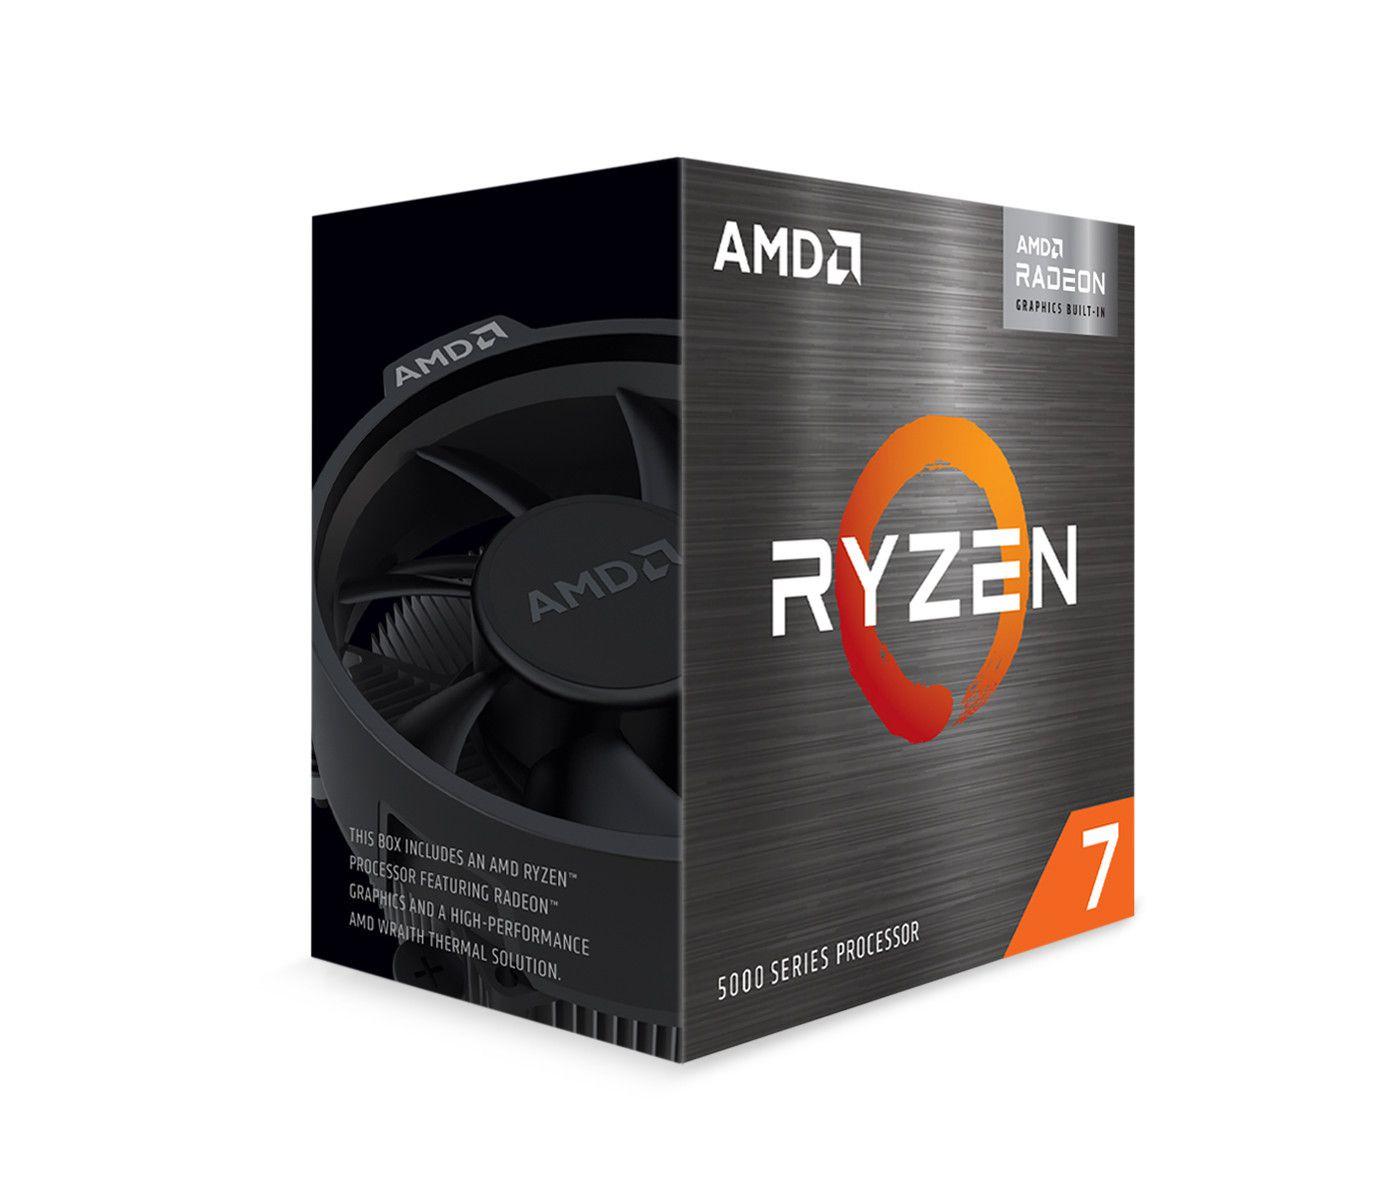 CPU AMD Ryzen 7 5700G (3.8GHz boost 4.6GHz, 8 nhân 16 luồng, 20MB Cache, 65W, Socket AM4)